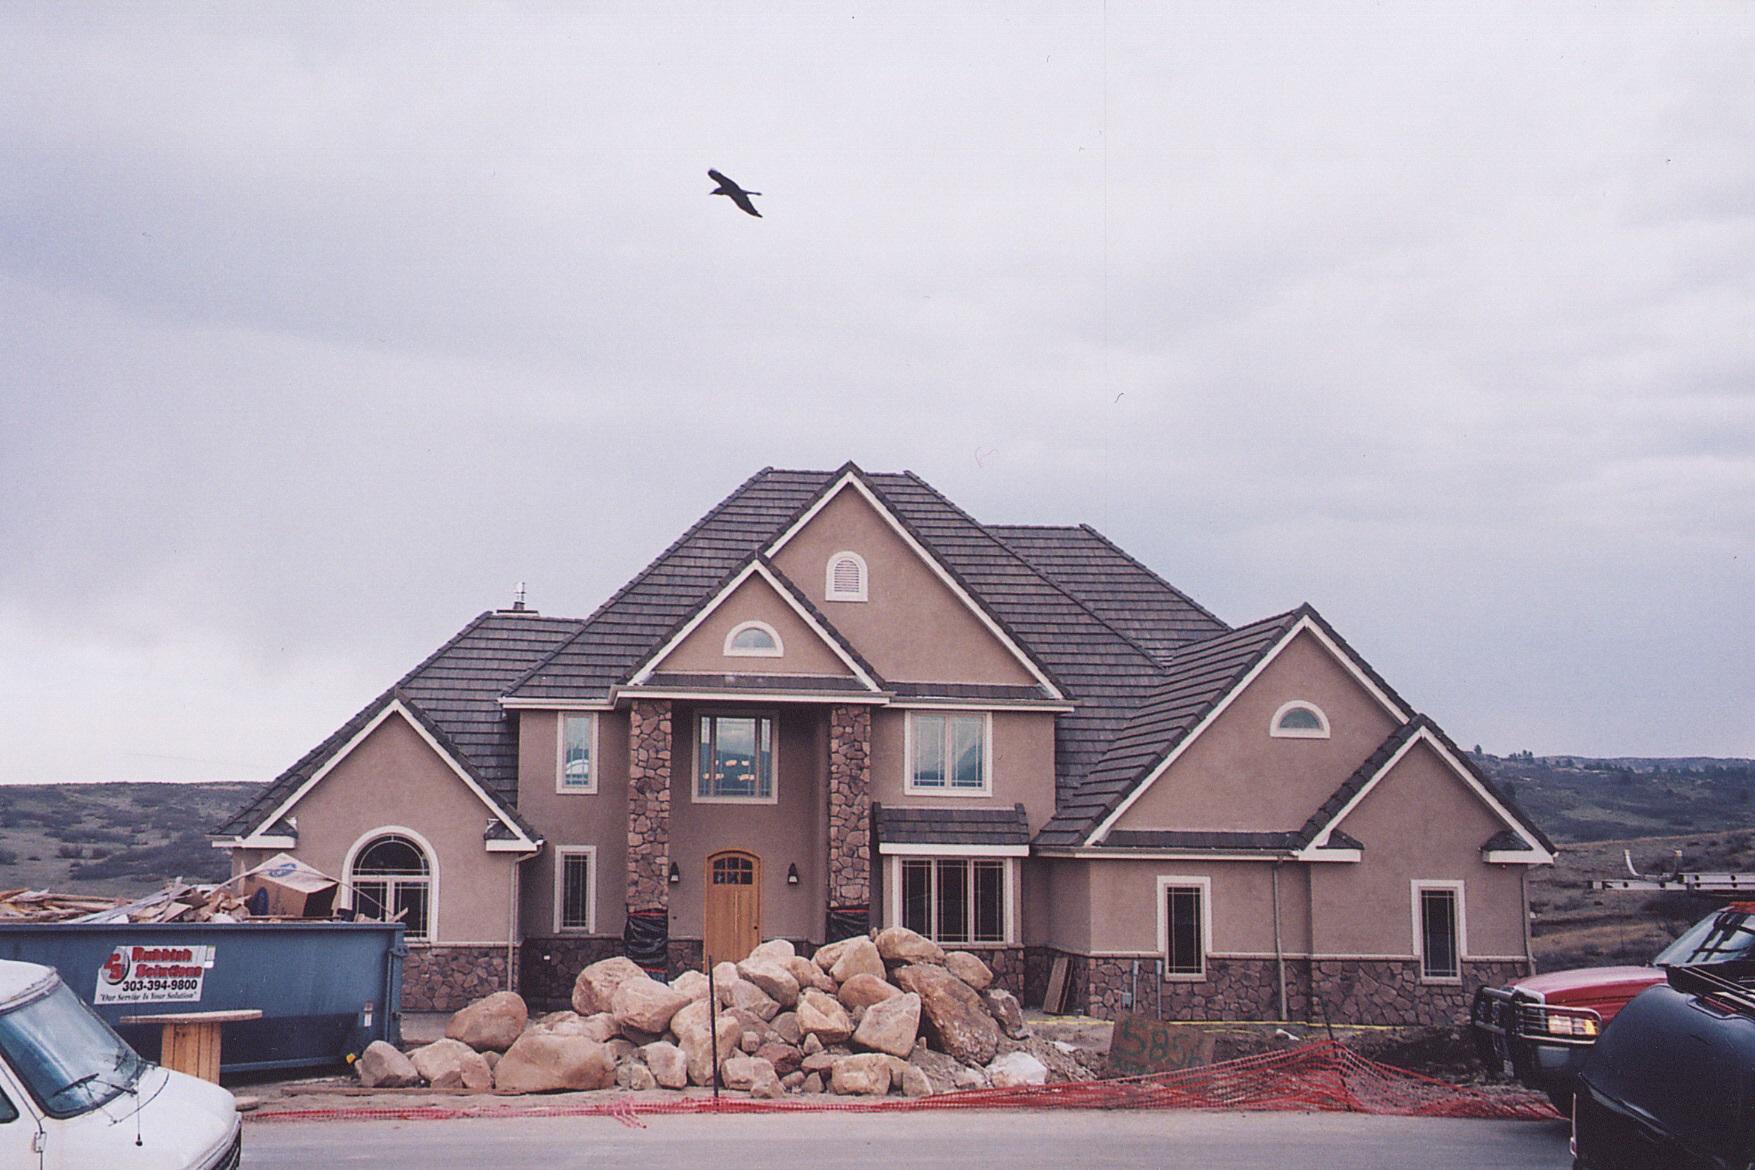 Apollo Roofing & Repairs LLC image 9